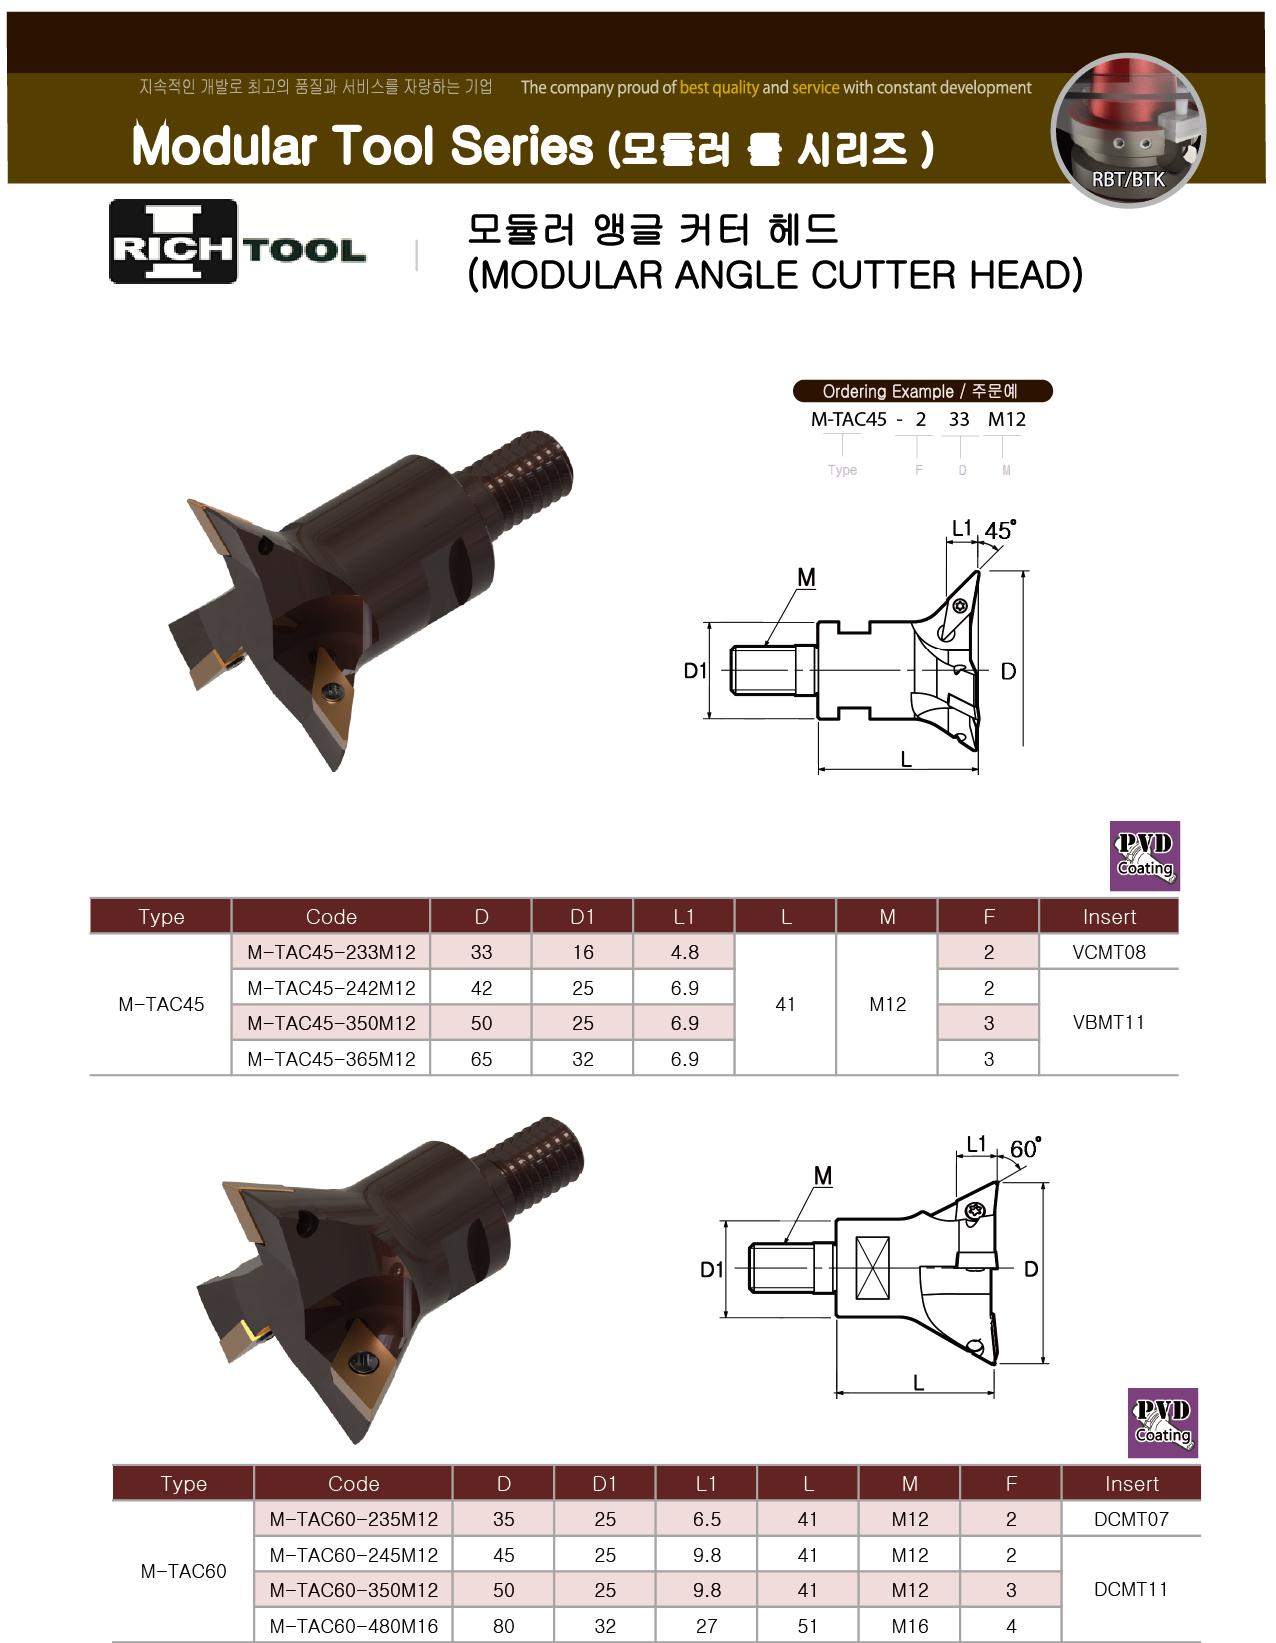 MODULAR ANGLE CUTTER HEAD(TAC45,TAC60)